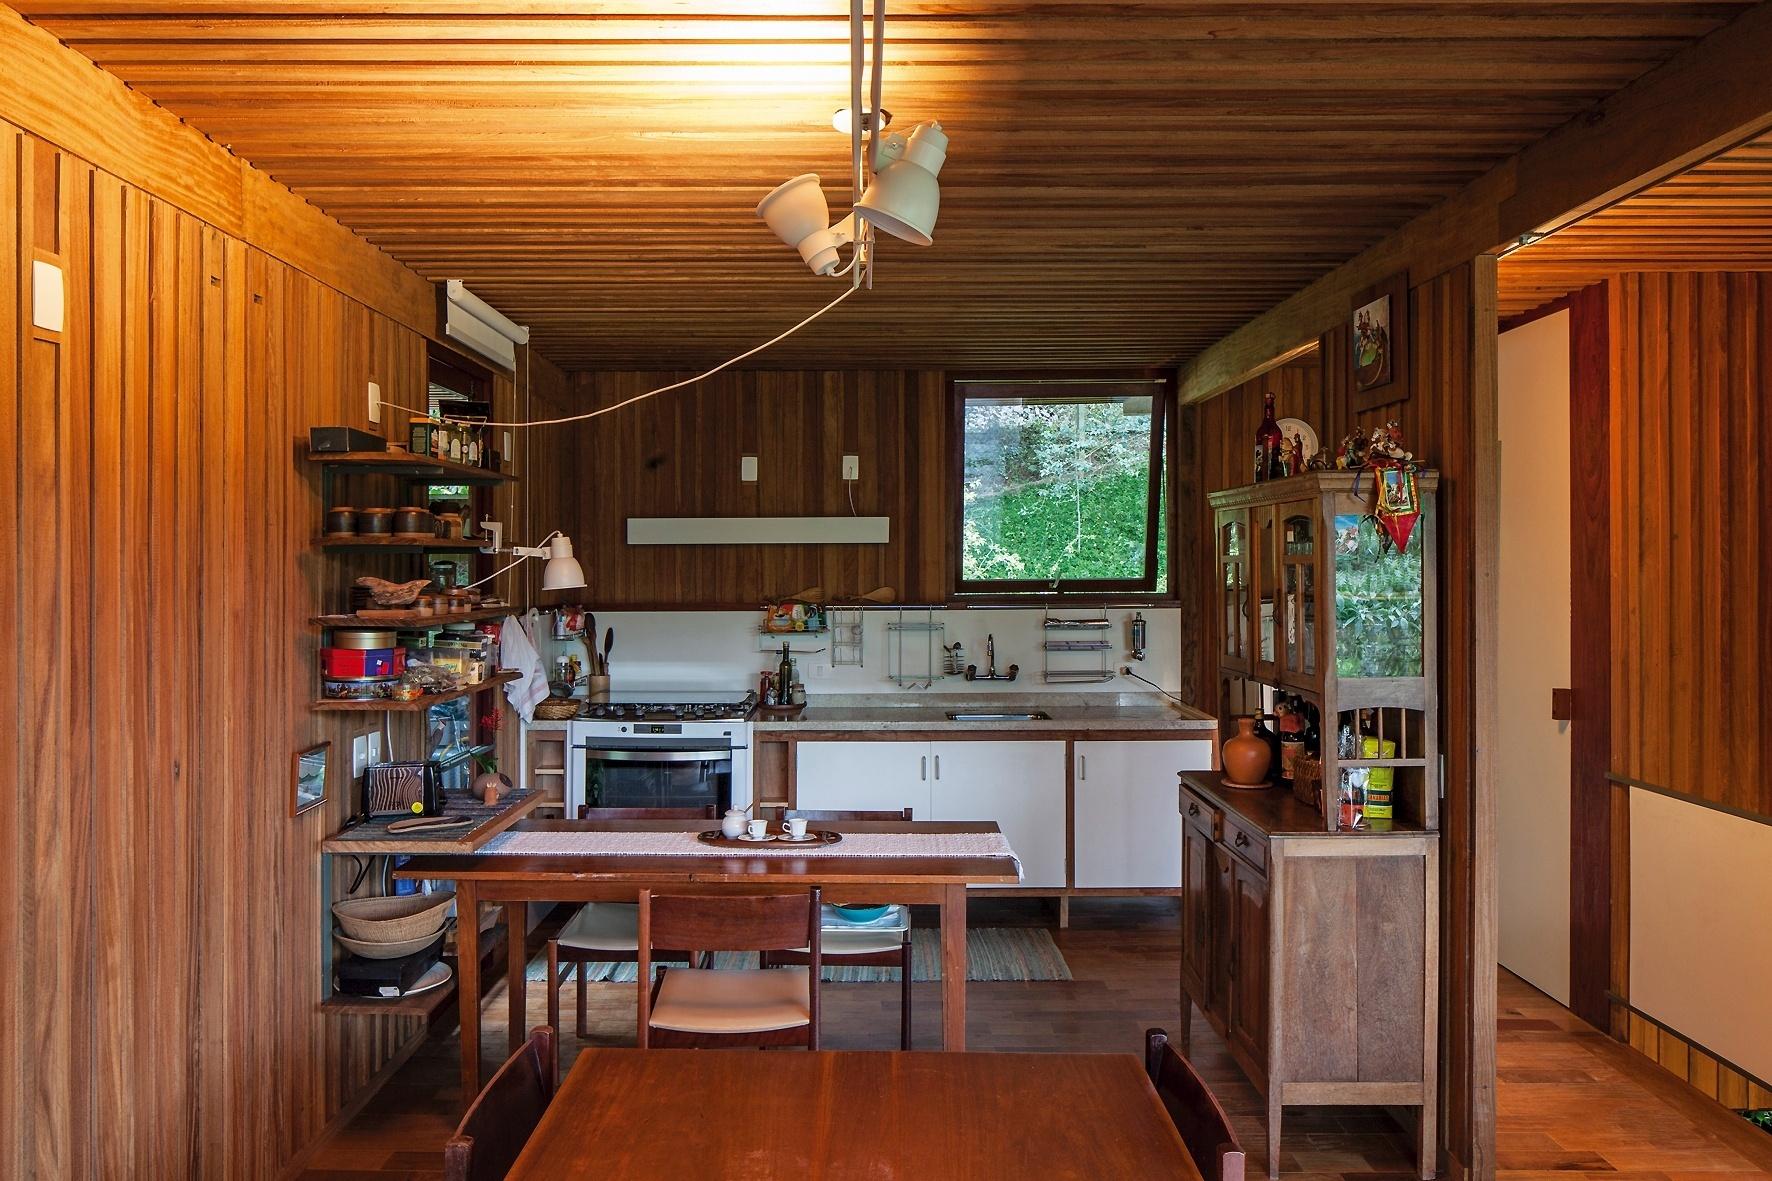 Totalmente aberta para o living, a cozinha da Casa Vila Taguaí é prática, com prateleiras para utensílios e mesa para pequenas refeições. O projeto tem a assinatura da arquiteta Cristina Xavier e do engenheiro Hélio Olga